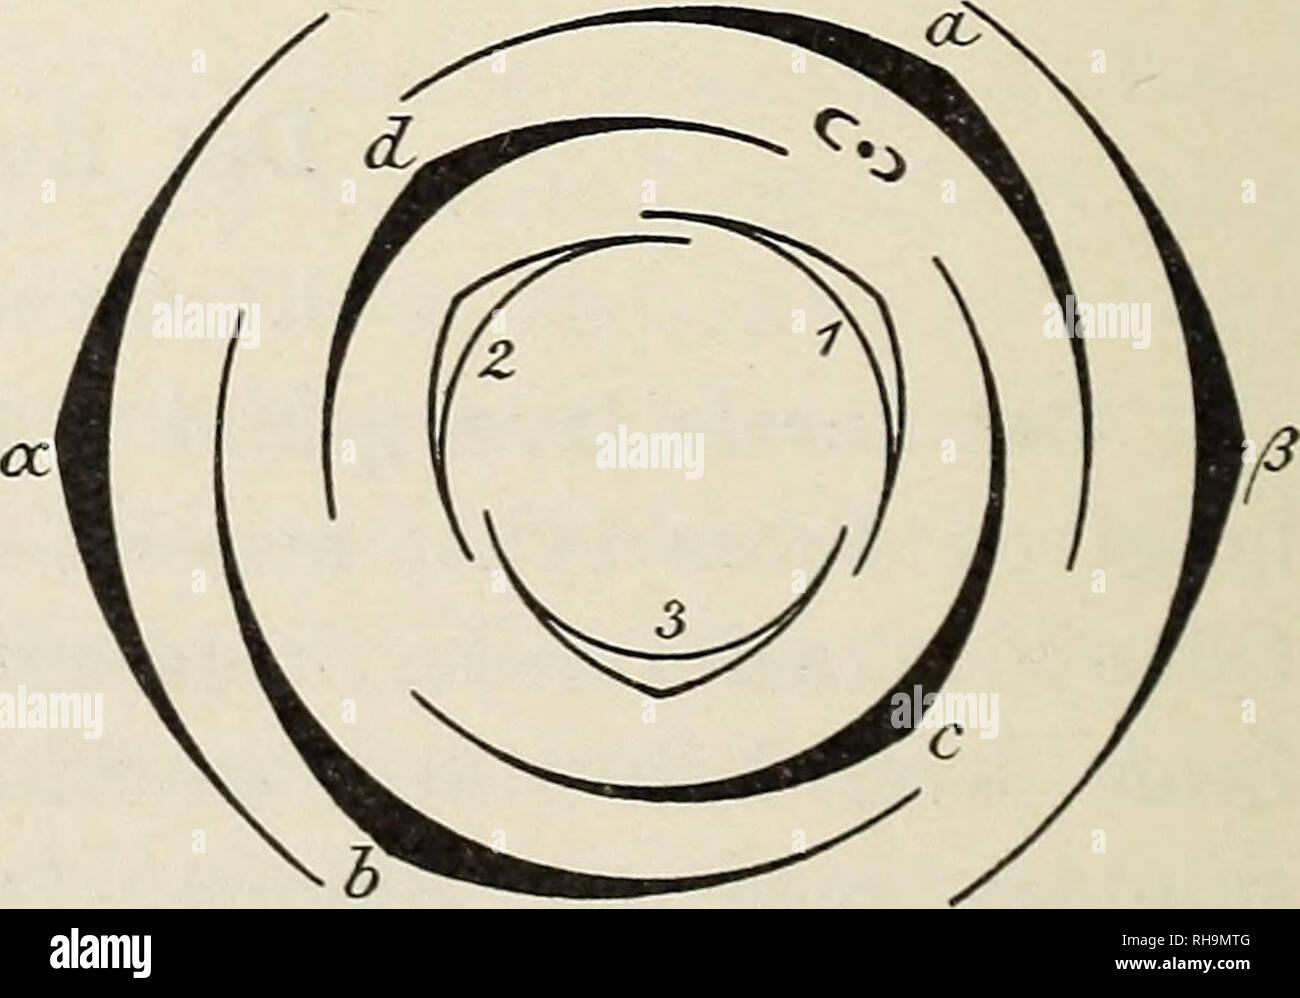 indre cirkel dating nl cs gå matchmaking server ip